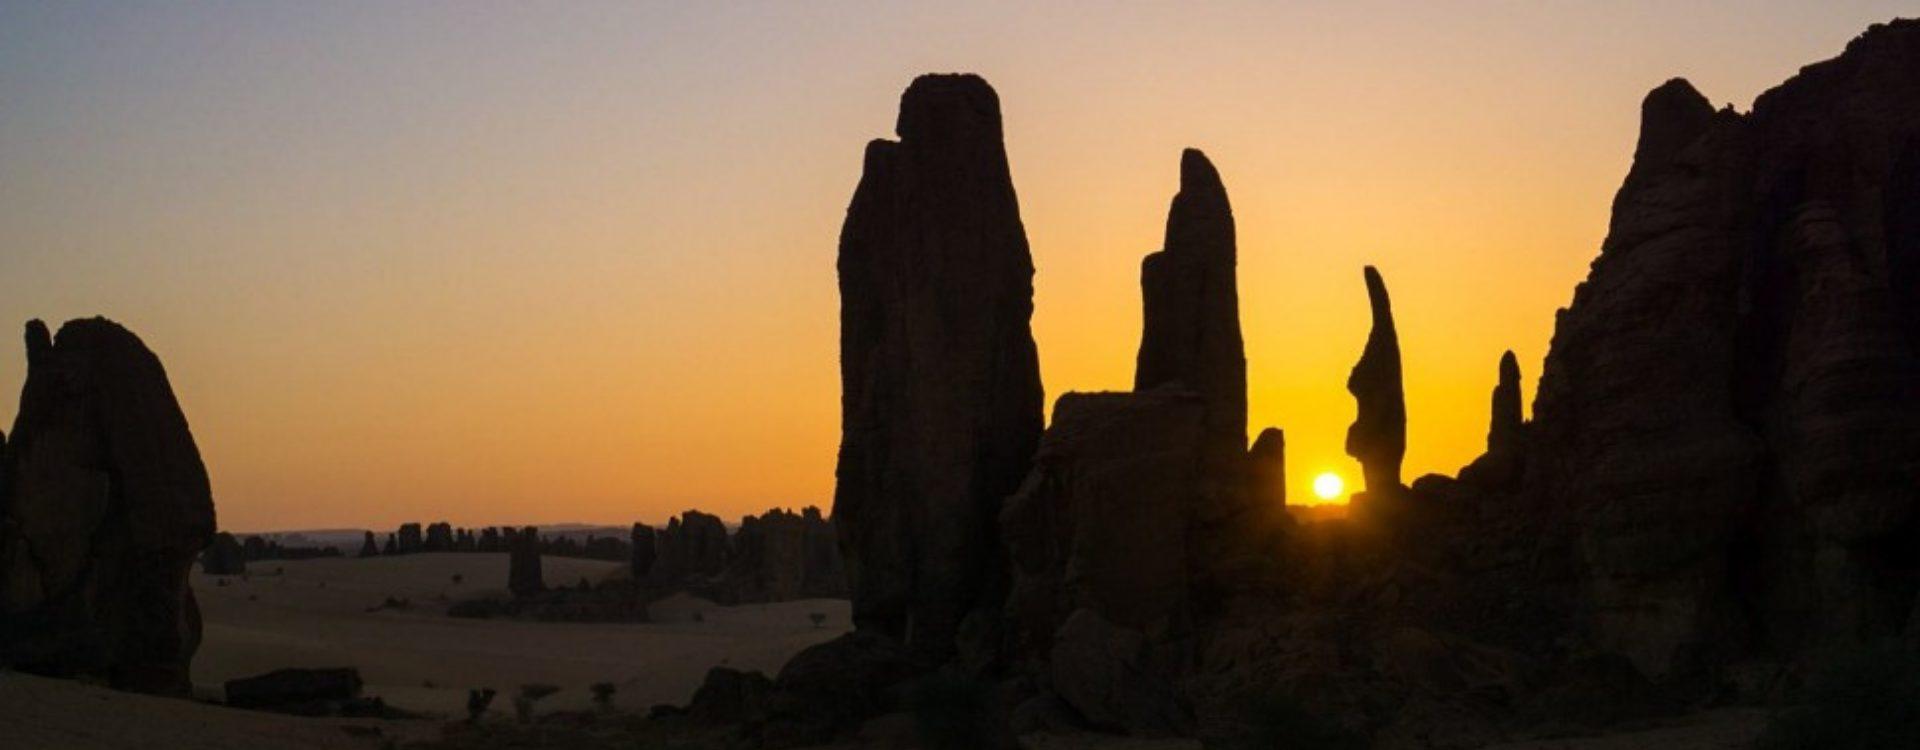 Tchad - Escalade exploration dans le désert de l'Ennedi - Les matins du monde